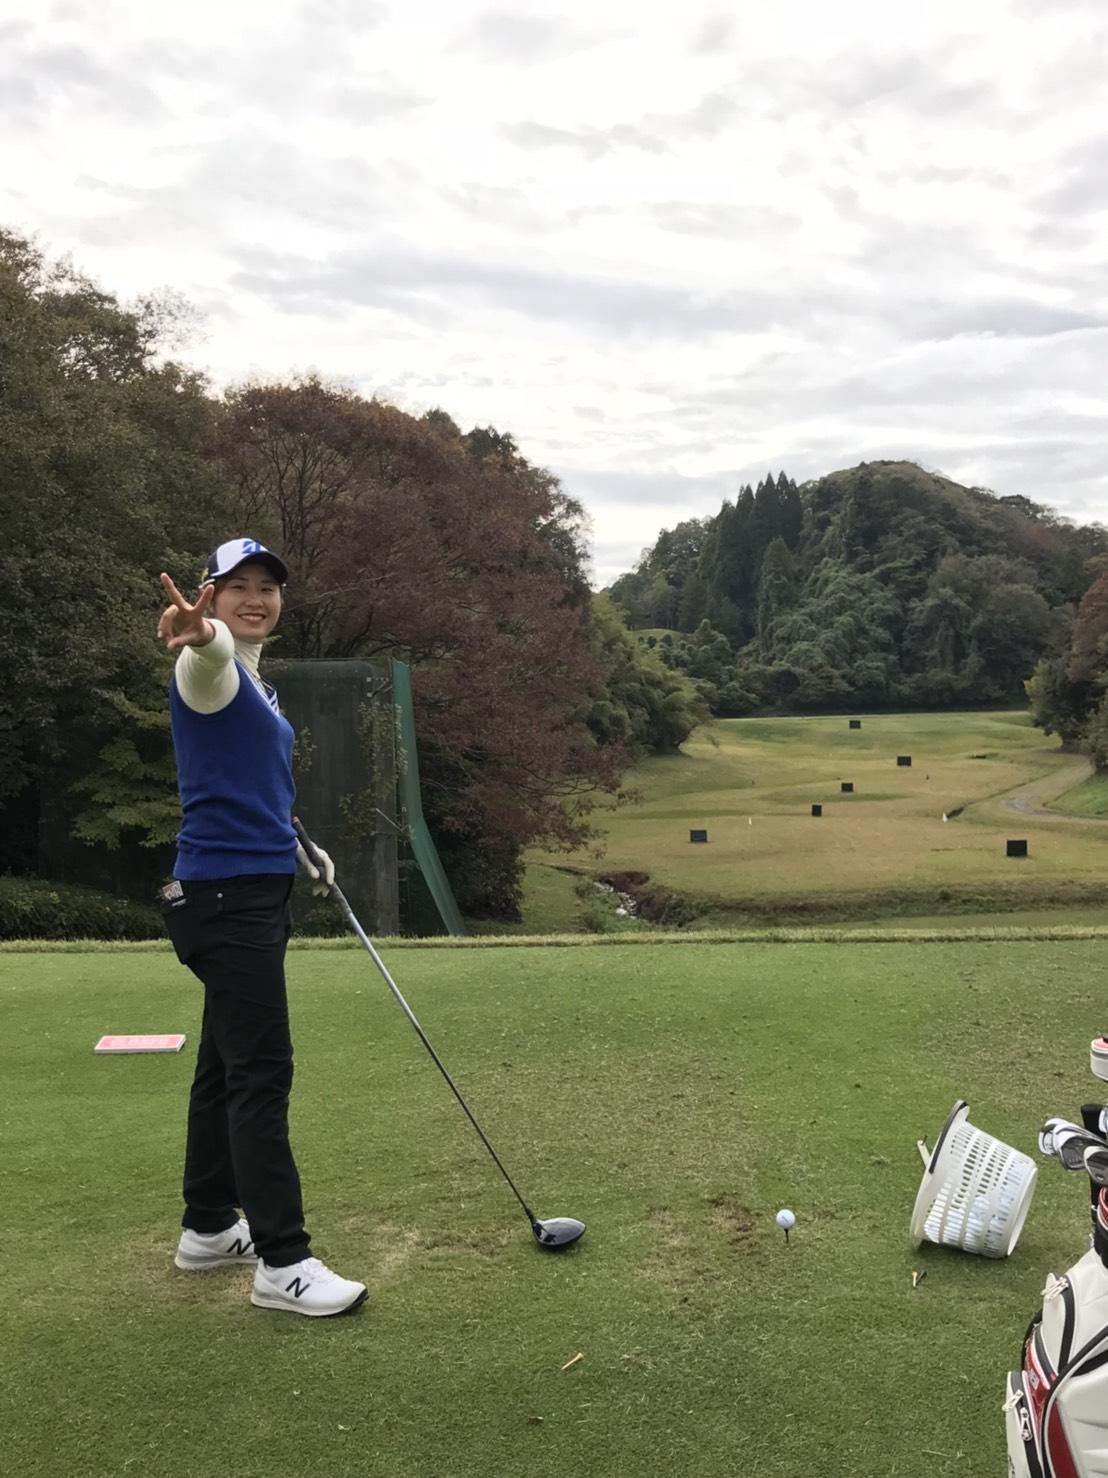 http://www.bs-golf.com/pro/6f9badb6ac4026fafc928efa69b5bda6b4e60310.JPG